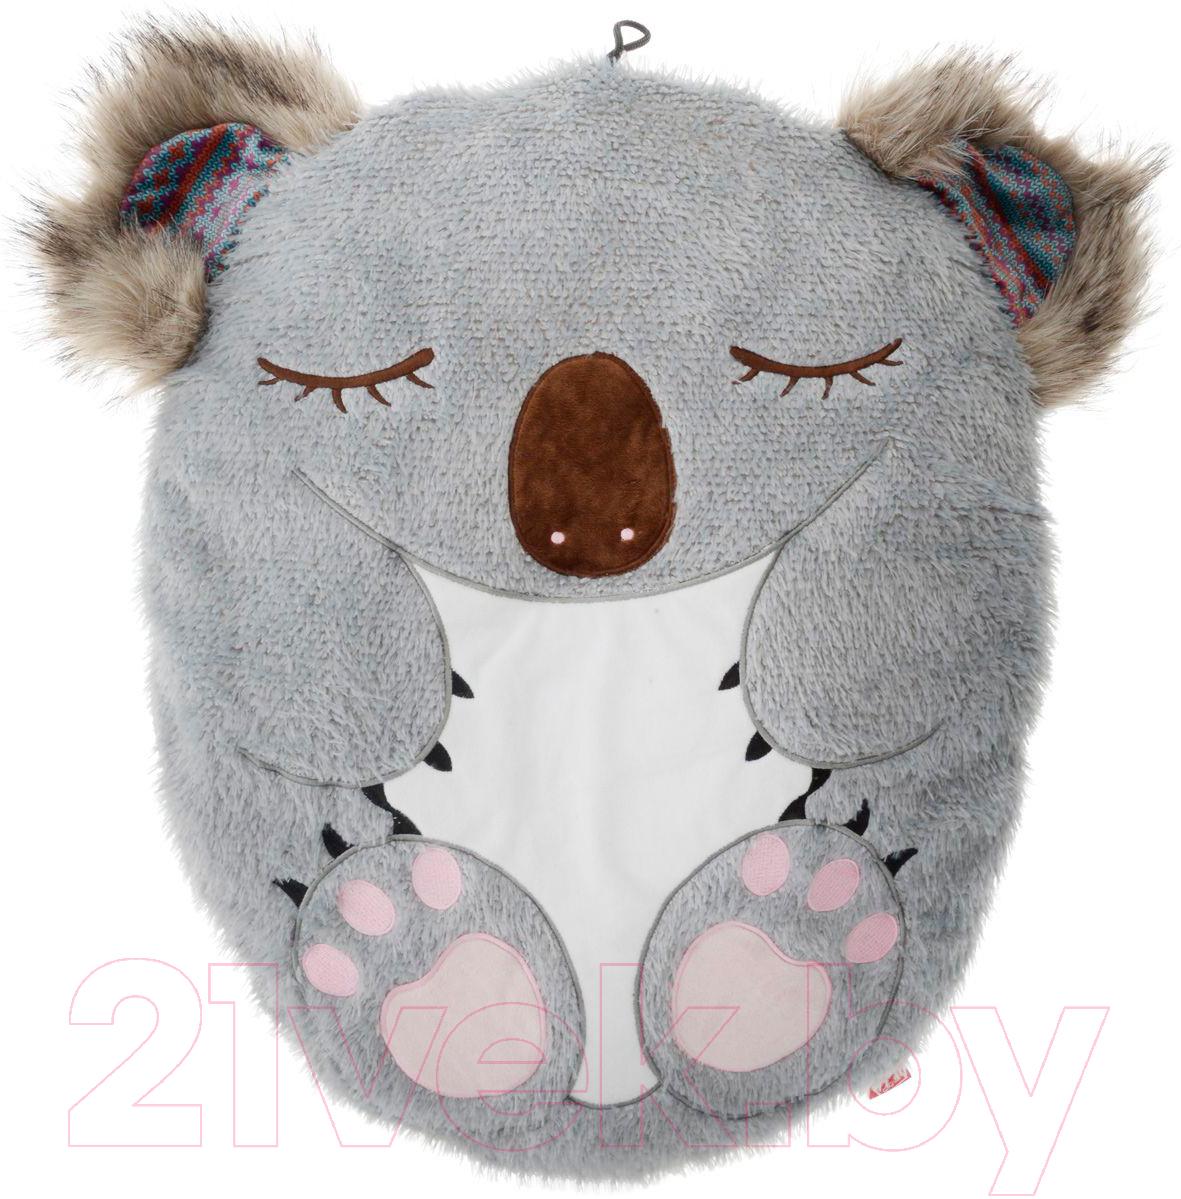 Купить Лежанка для животных Gigwi, Коала 75314 (серый), Китай